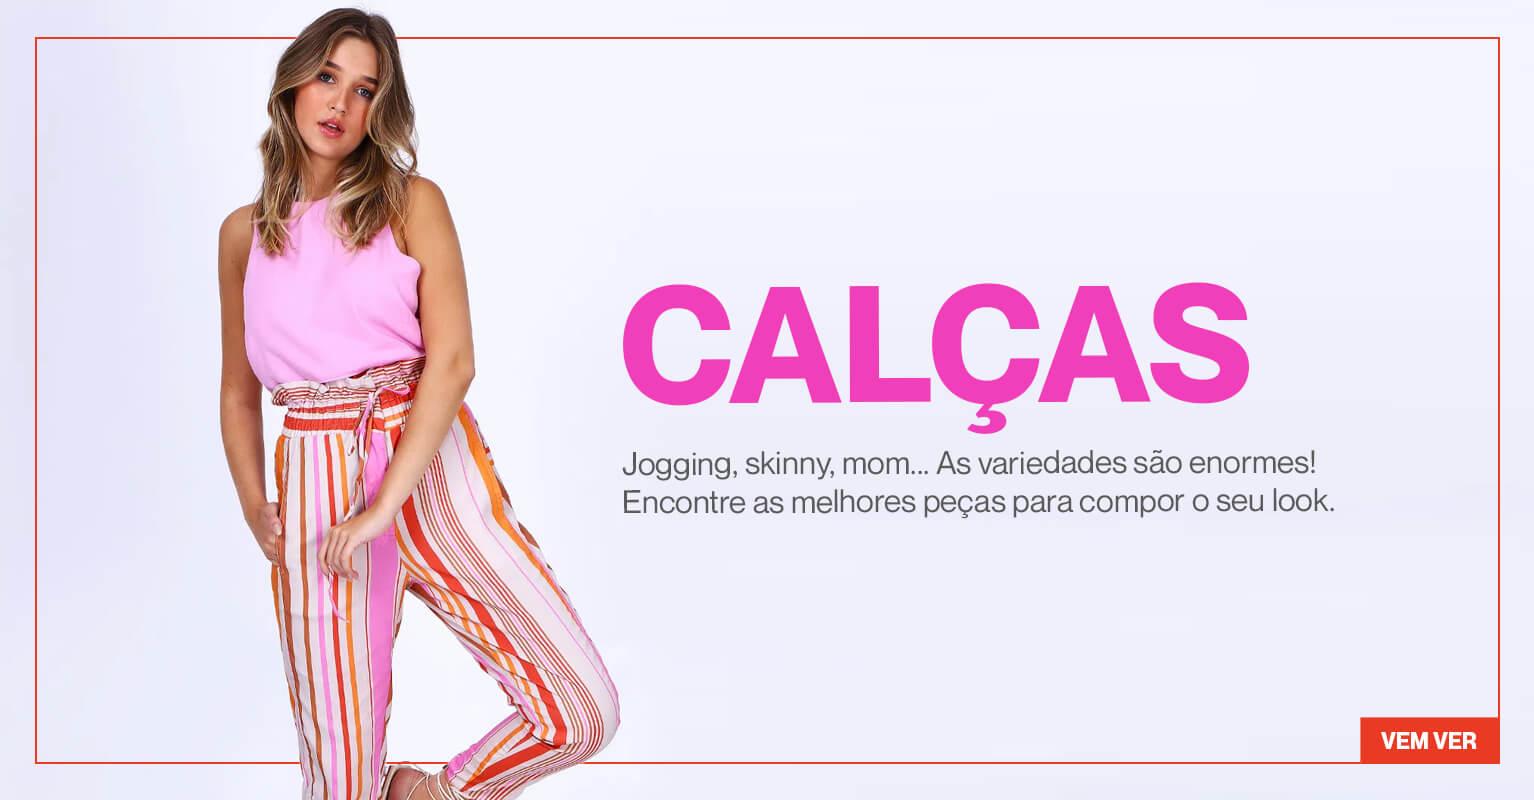 Banner mobile - Calças